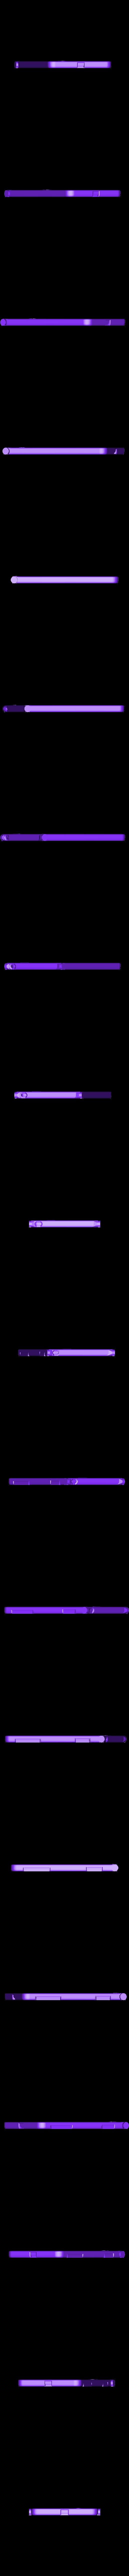 Case_9-9.STL Télécharger fichier STL gratuit Étui à comprimés sur mesure • Modèle imprimable en 3D, Cornbald